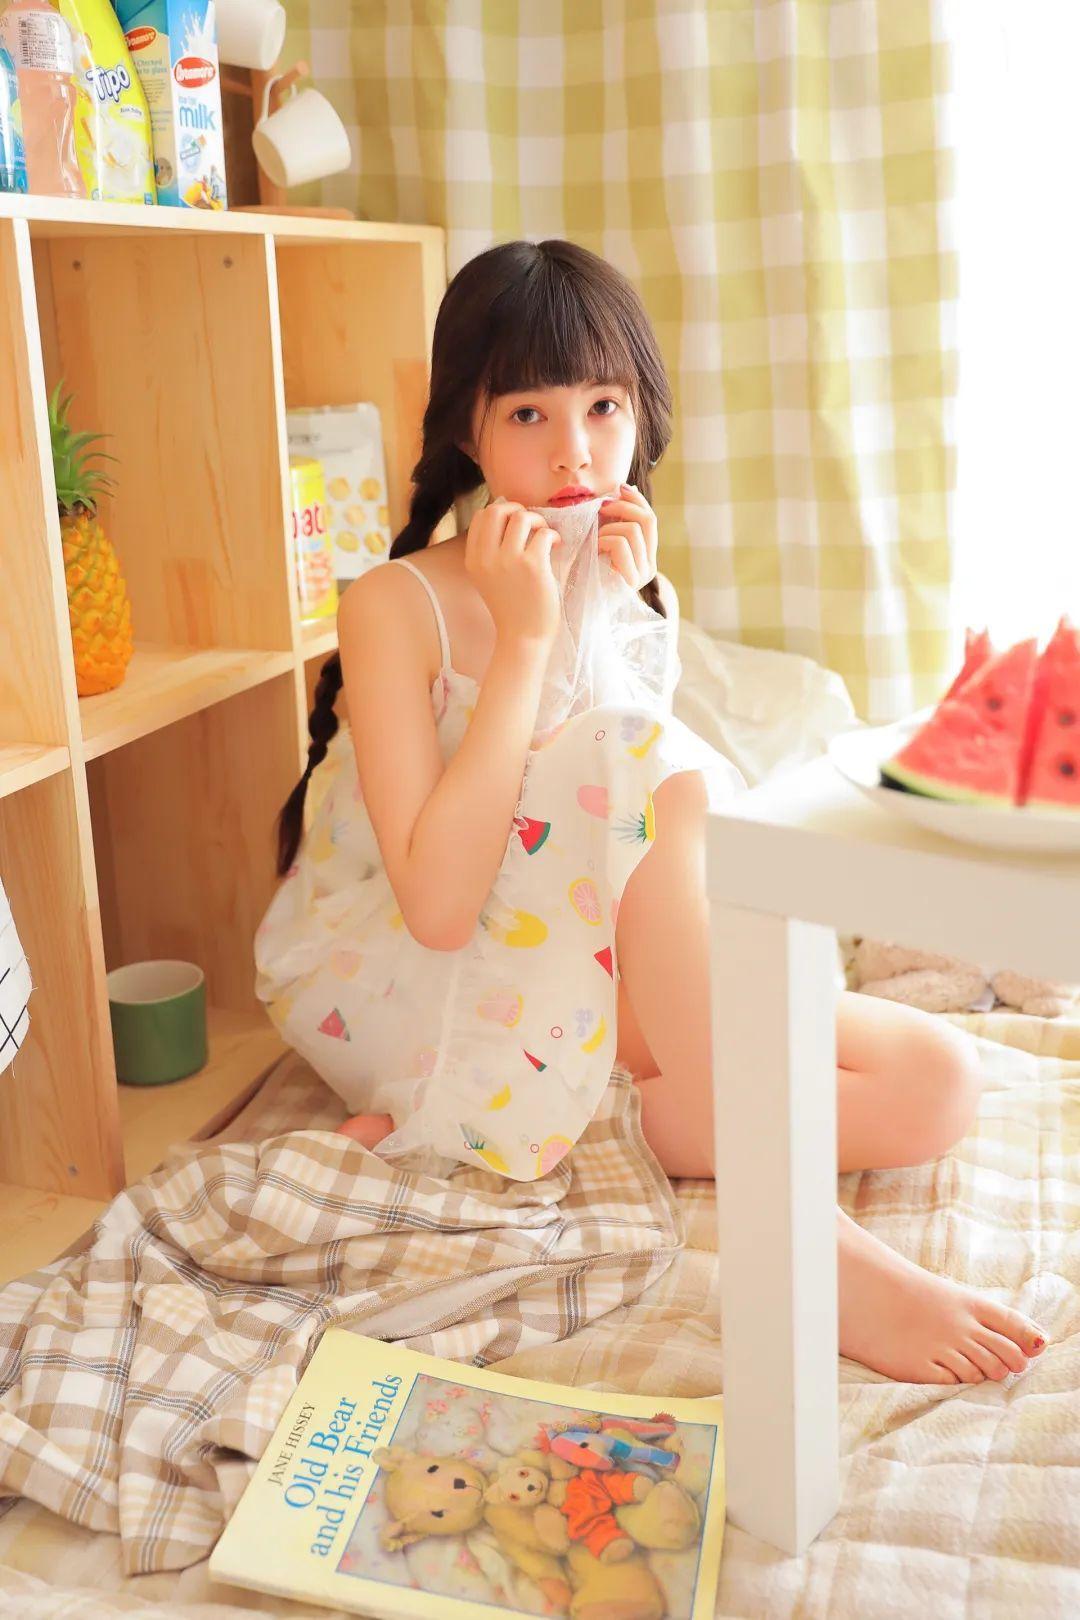 妹子摄影 – 甜美连衣裙双马尾少女吃西瓜_图片 No.12